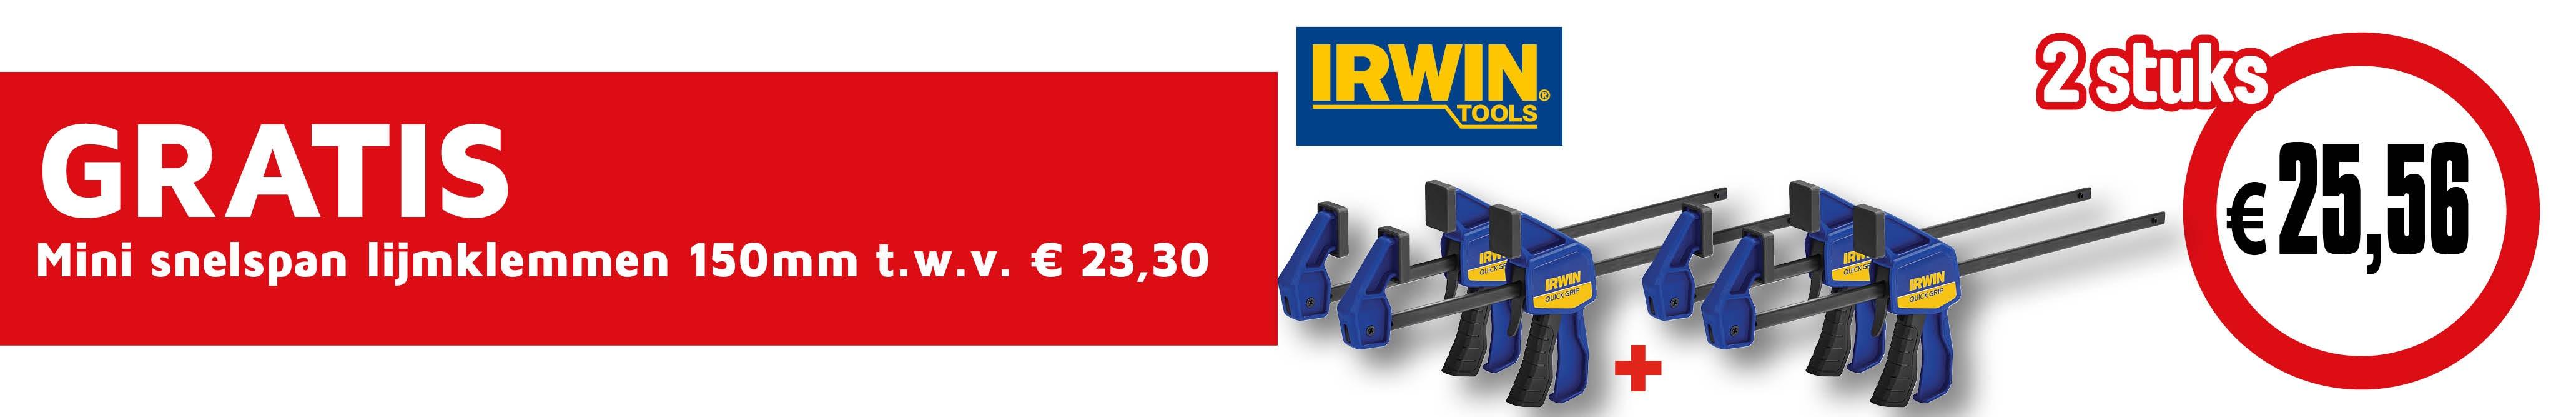 DPT100_990x160   Irwin lijmklem deal - Handgereedschap #1-2